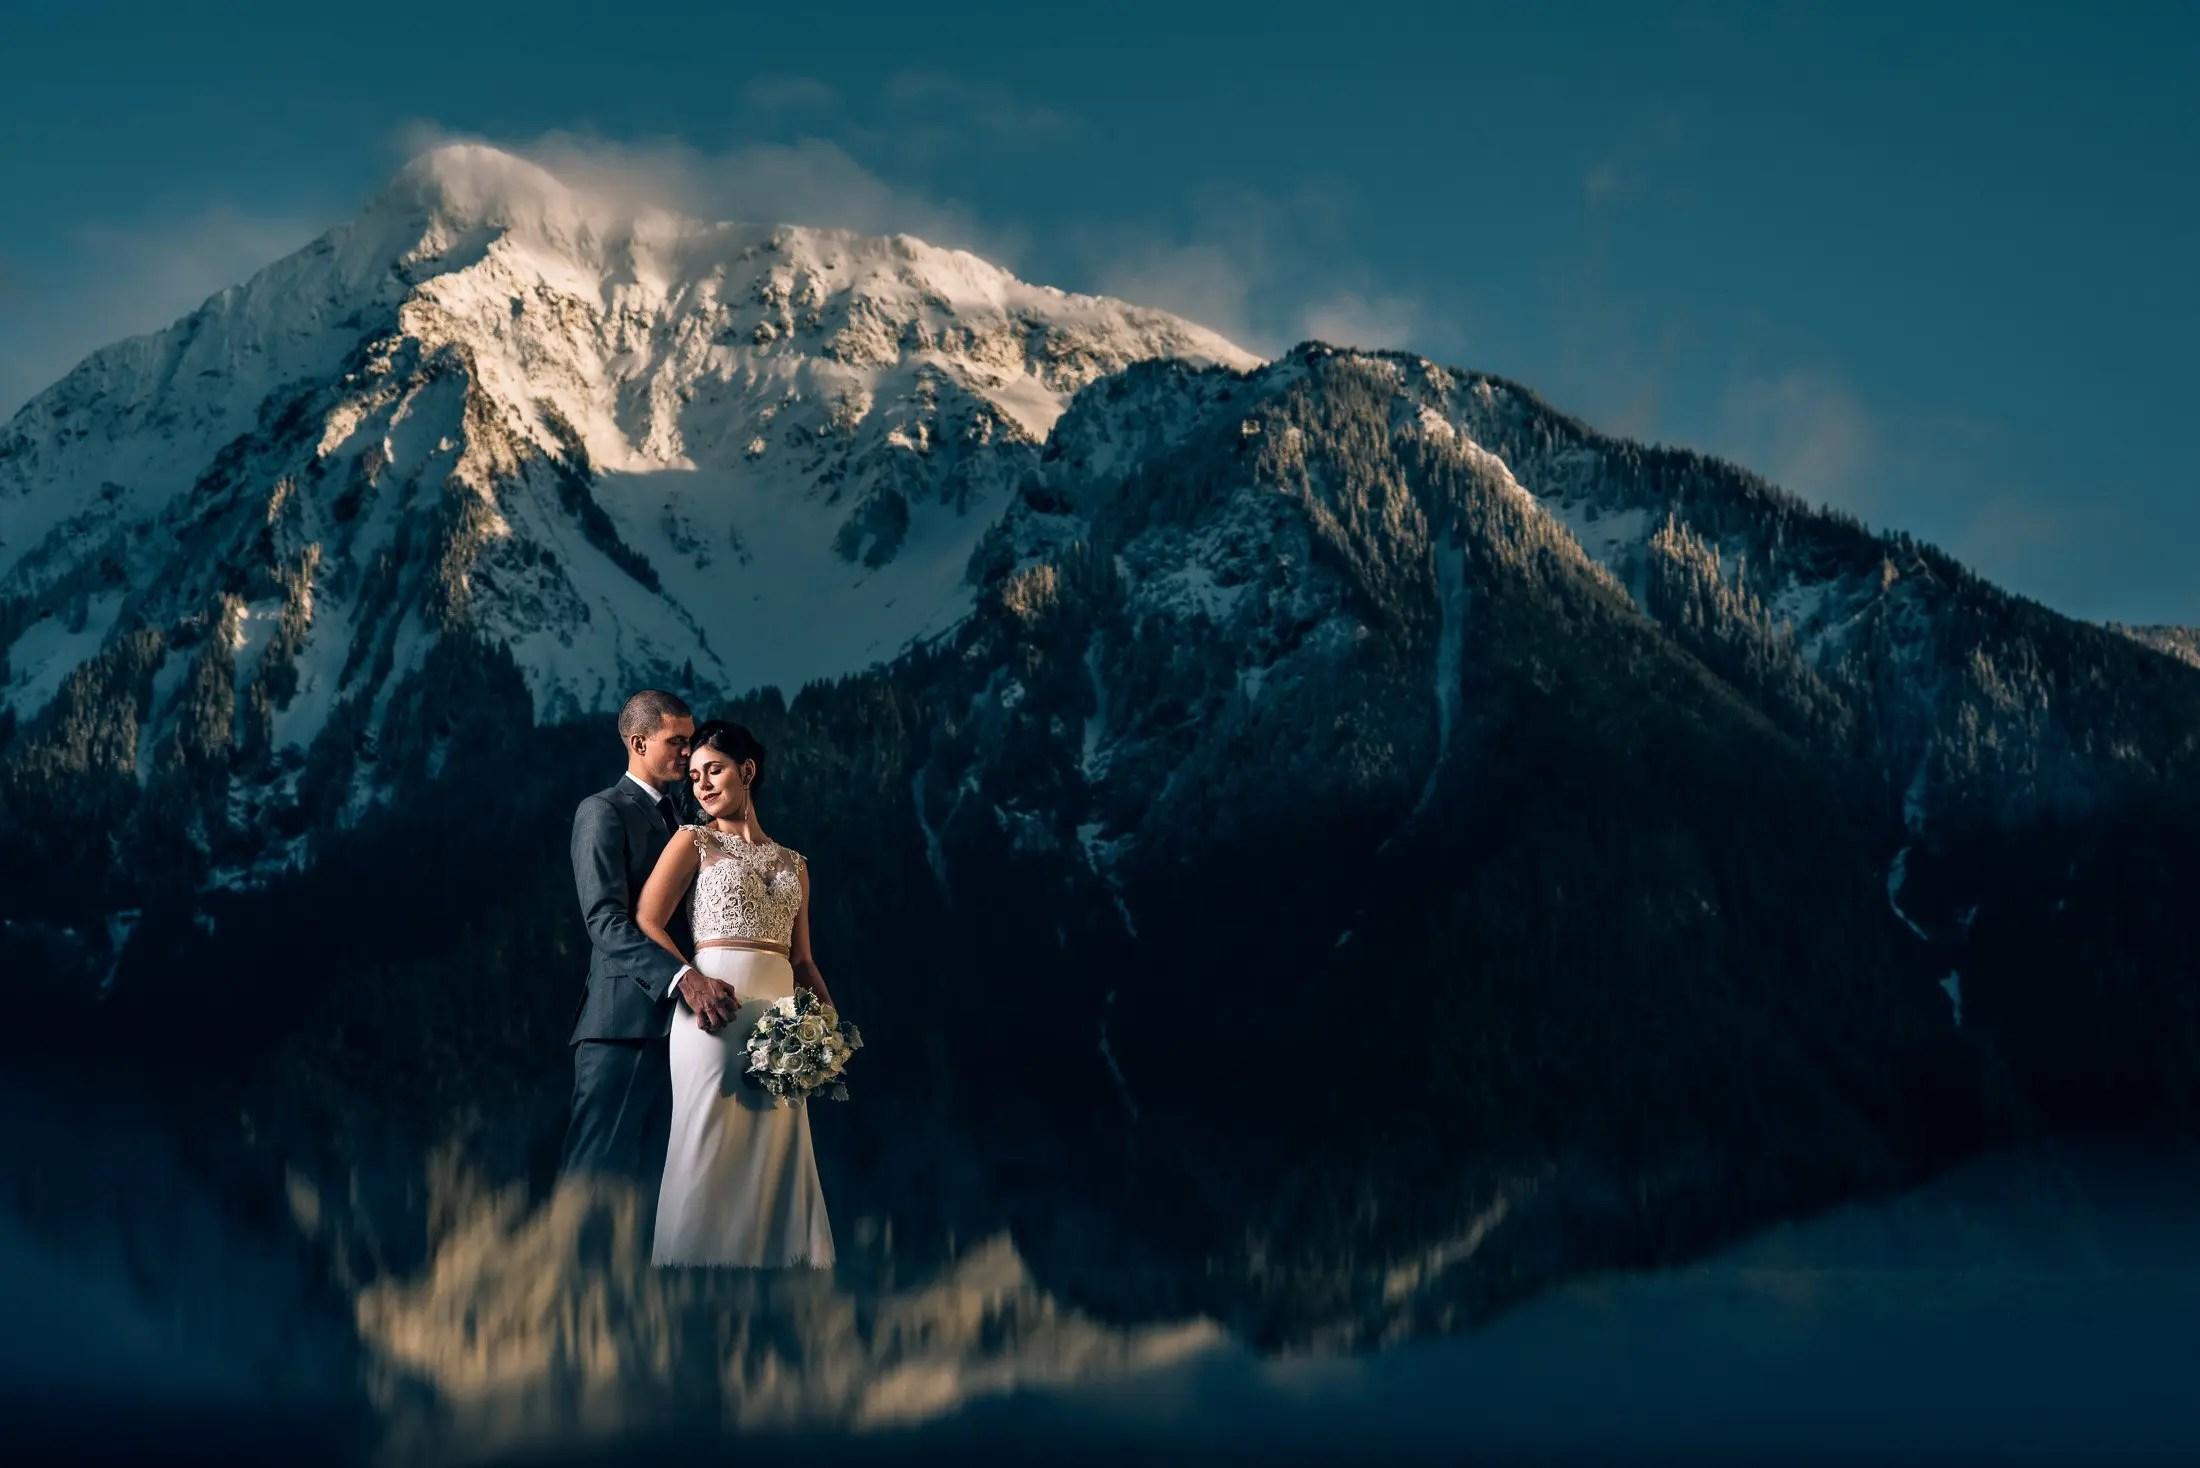 Snow Wedding Venues